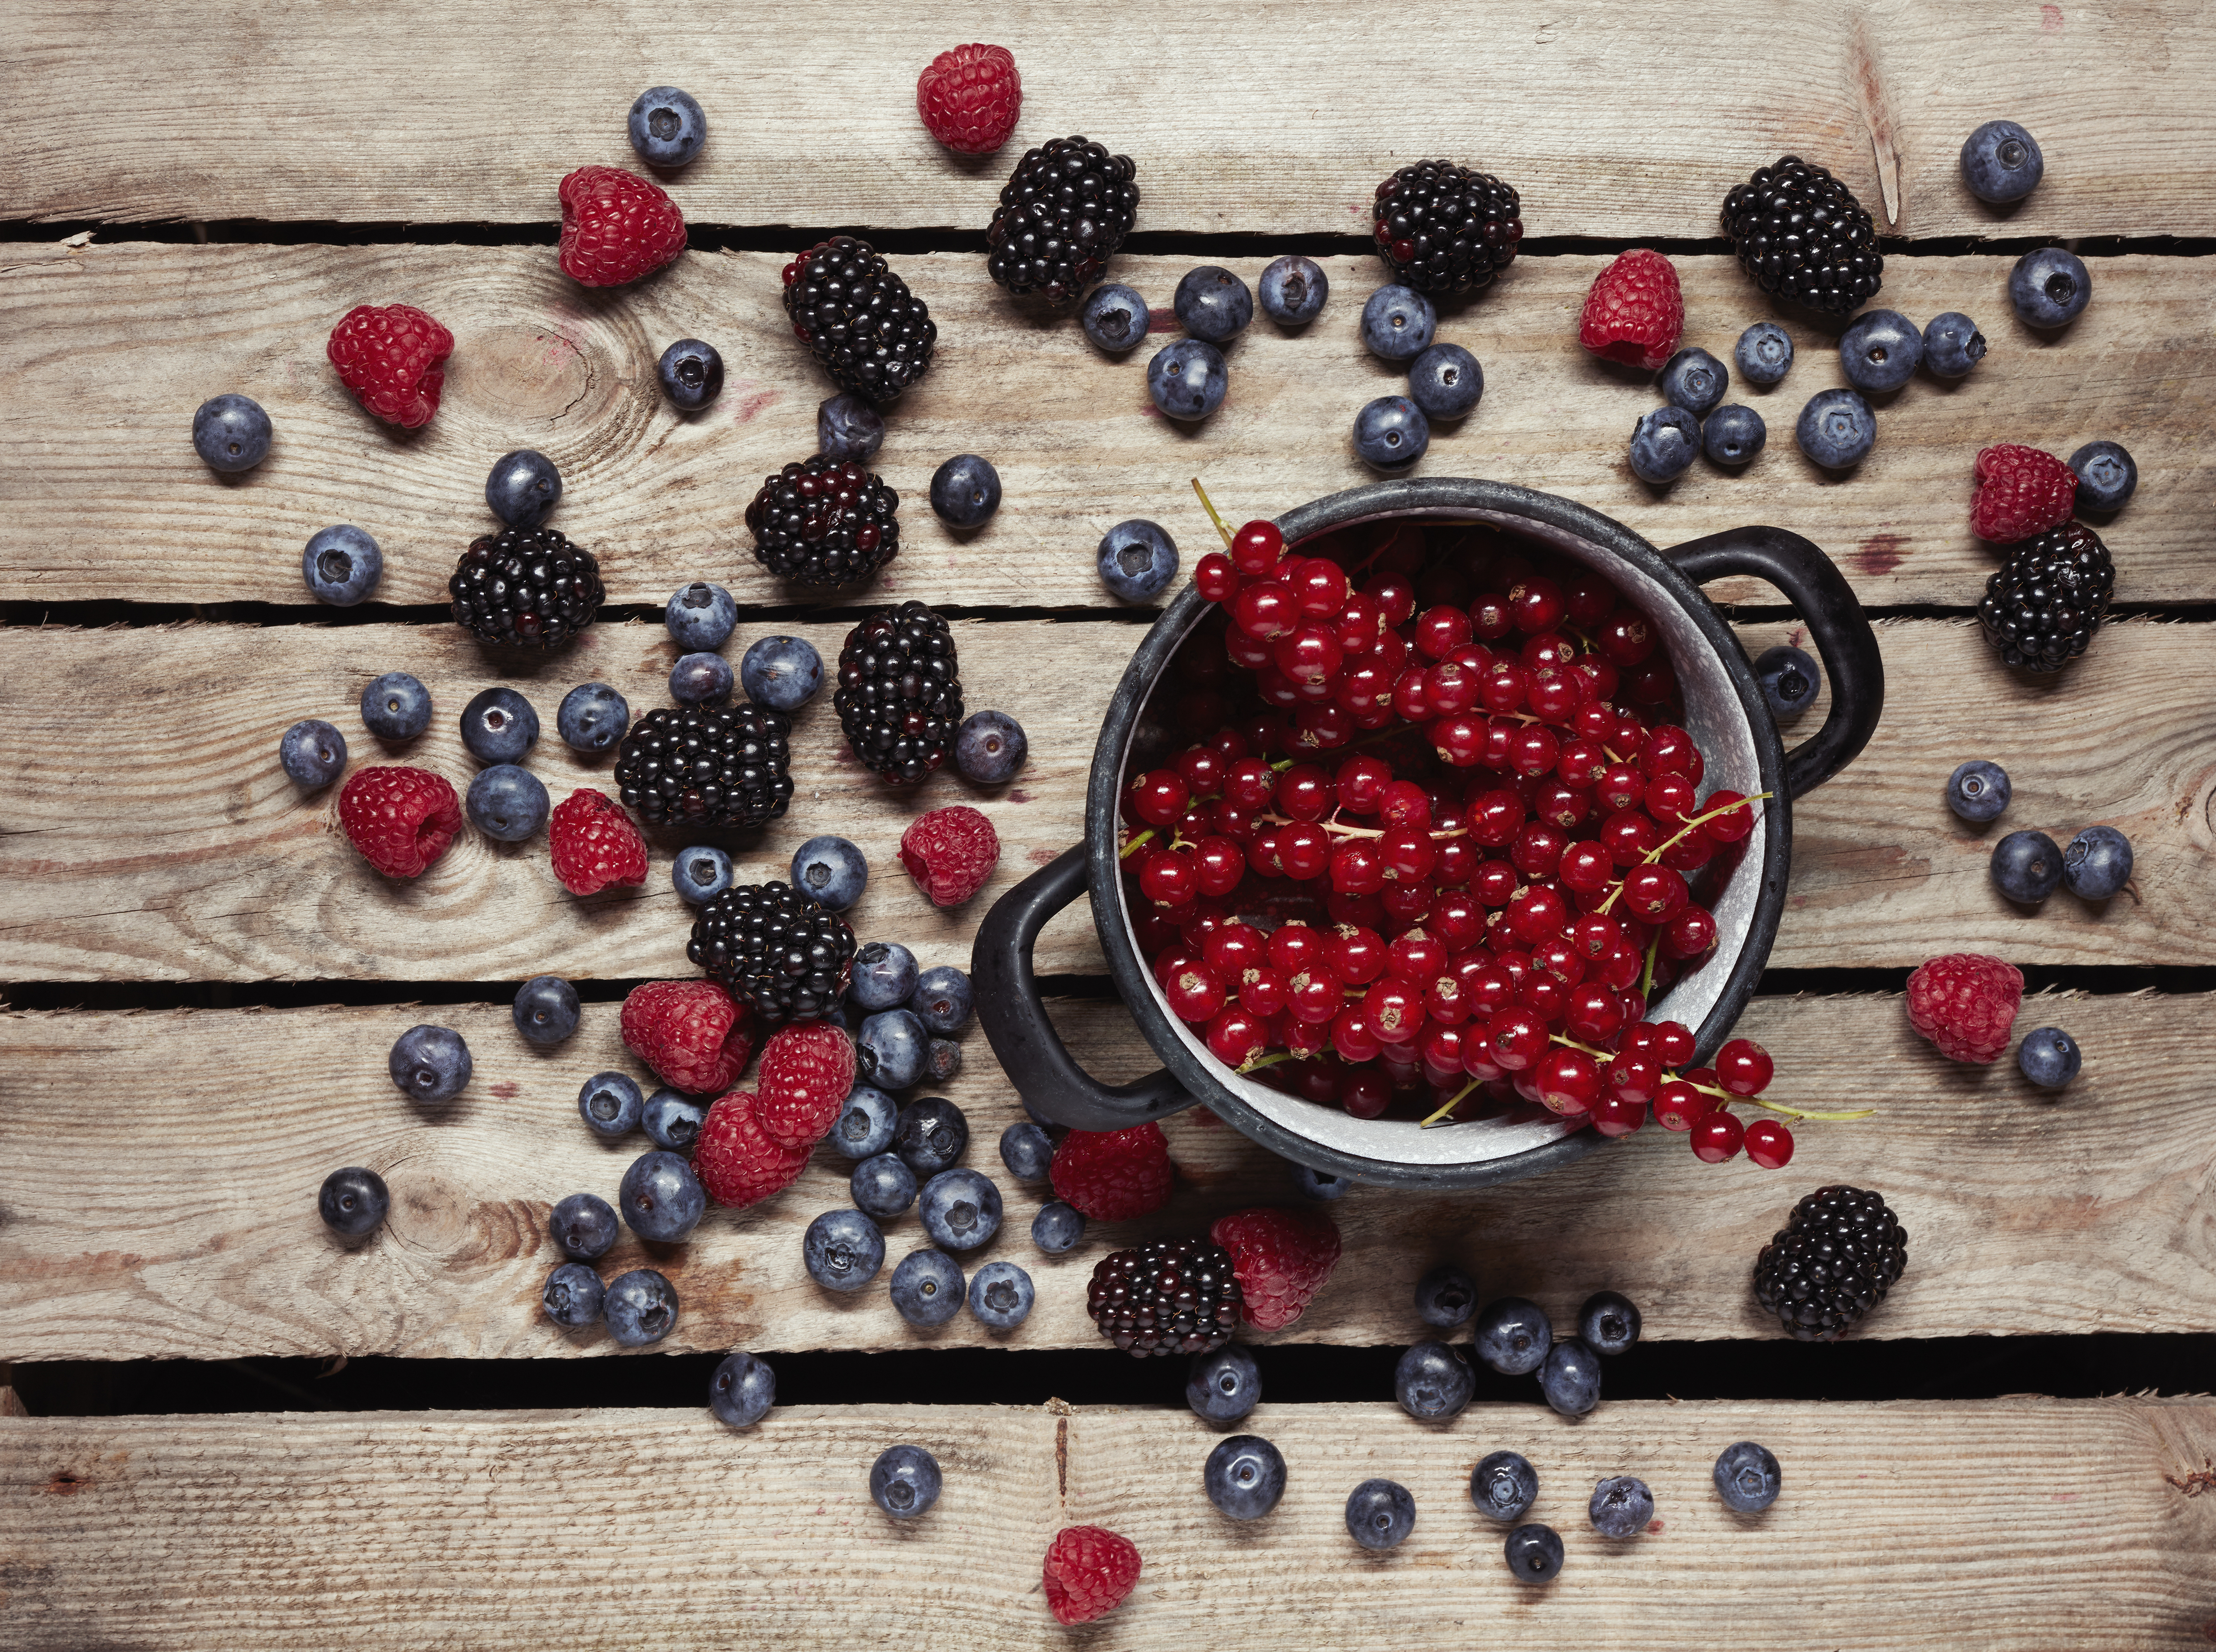 hábitos alimentares de outros países que podem beneficiar sua saúde - frutas vermelhas